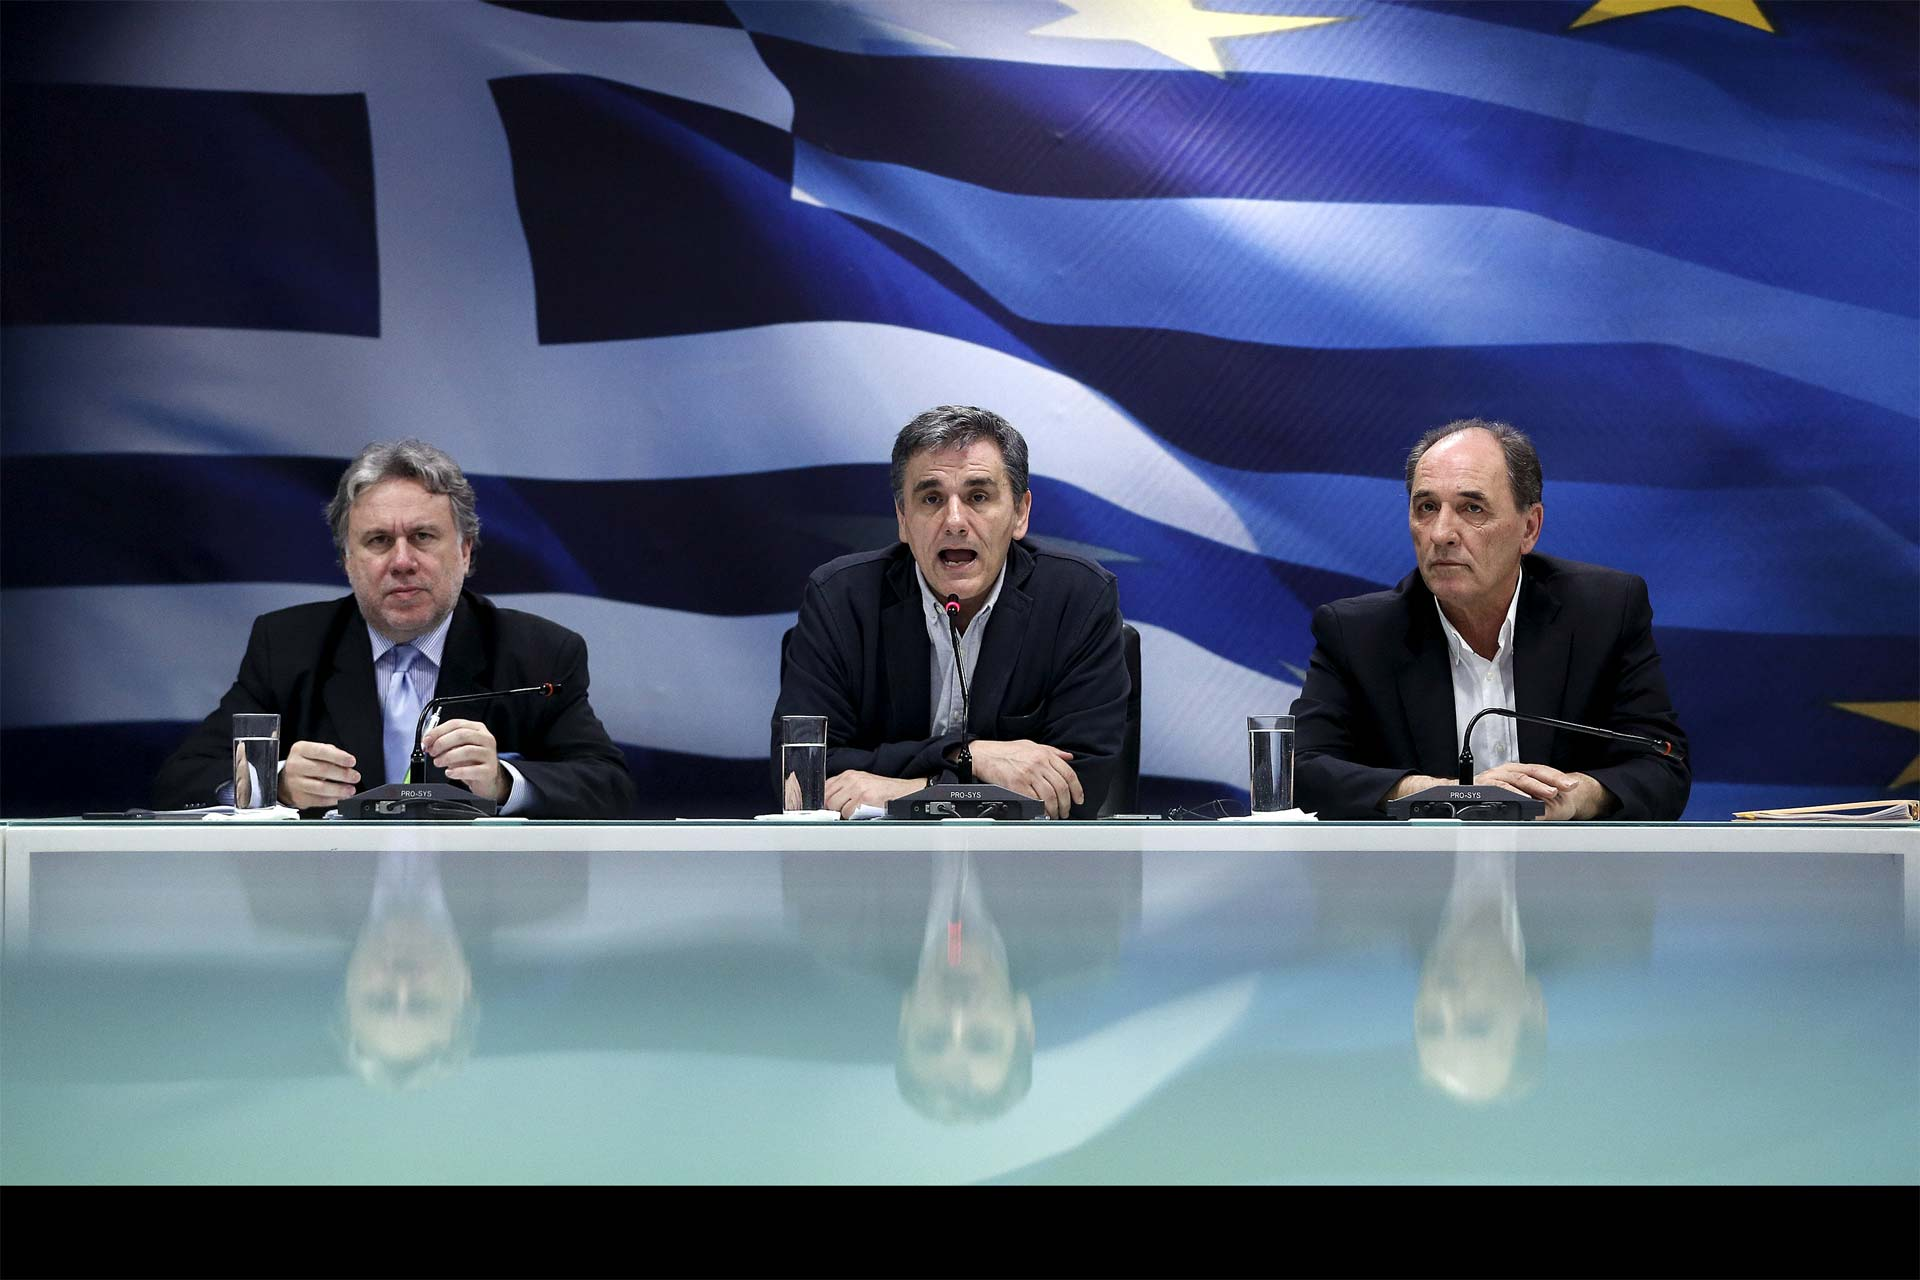 Buscan fórmulas para concretar un paquete de contingencia que pidieron los ministros de Economía y Finanzas